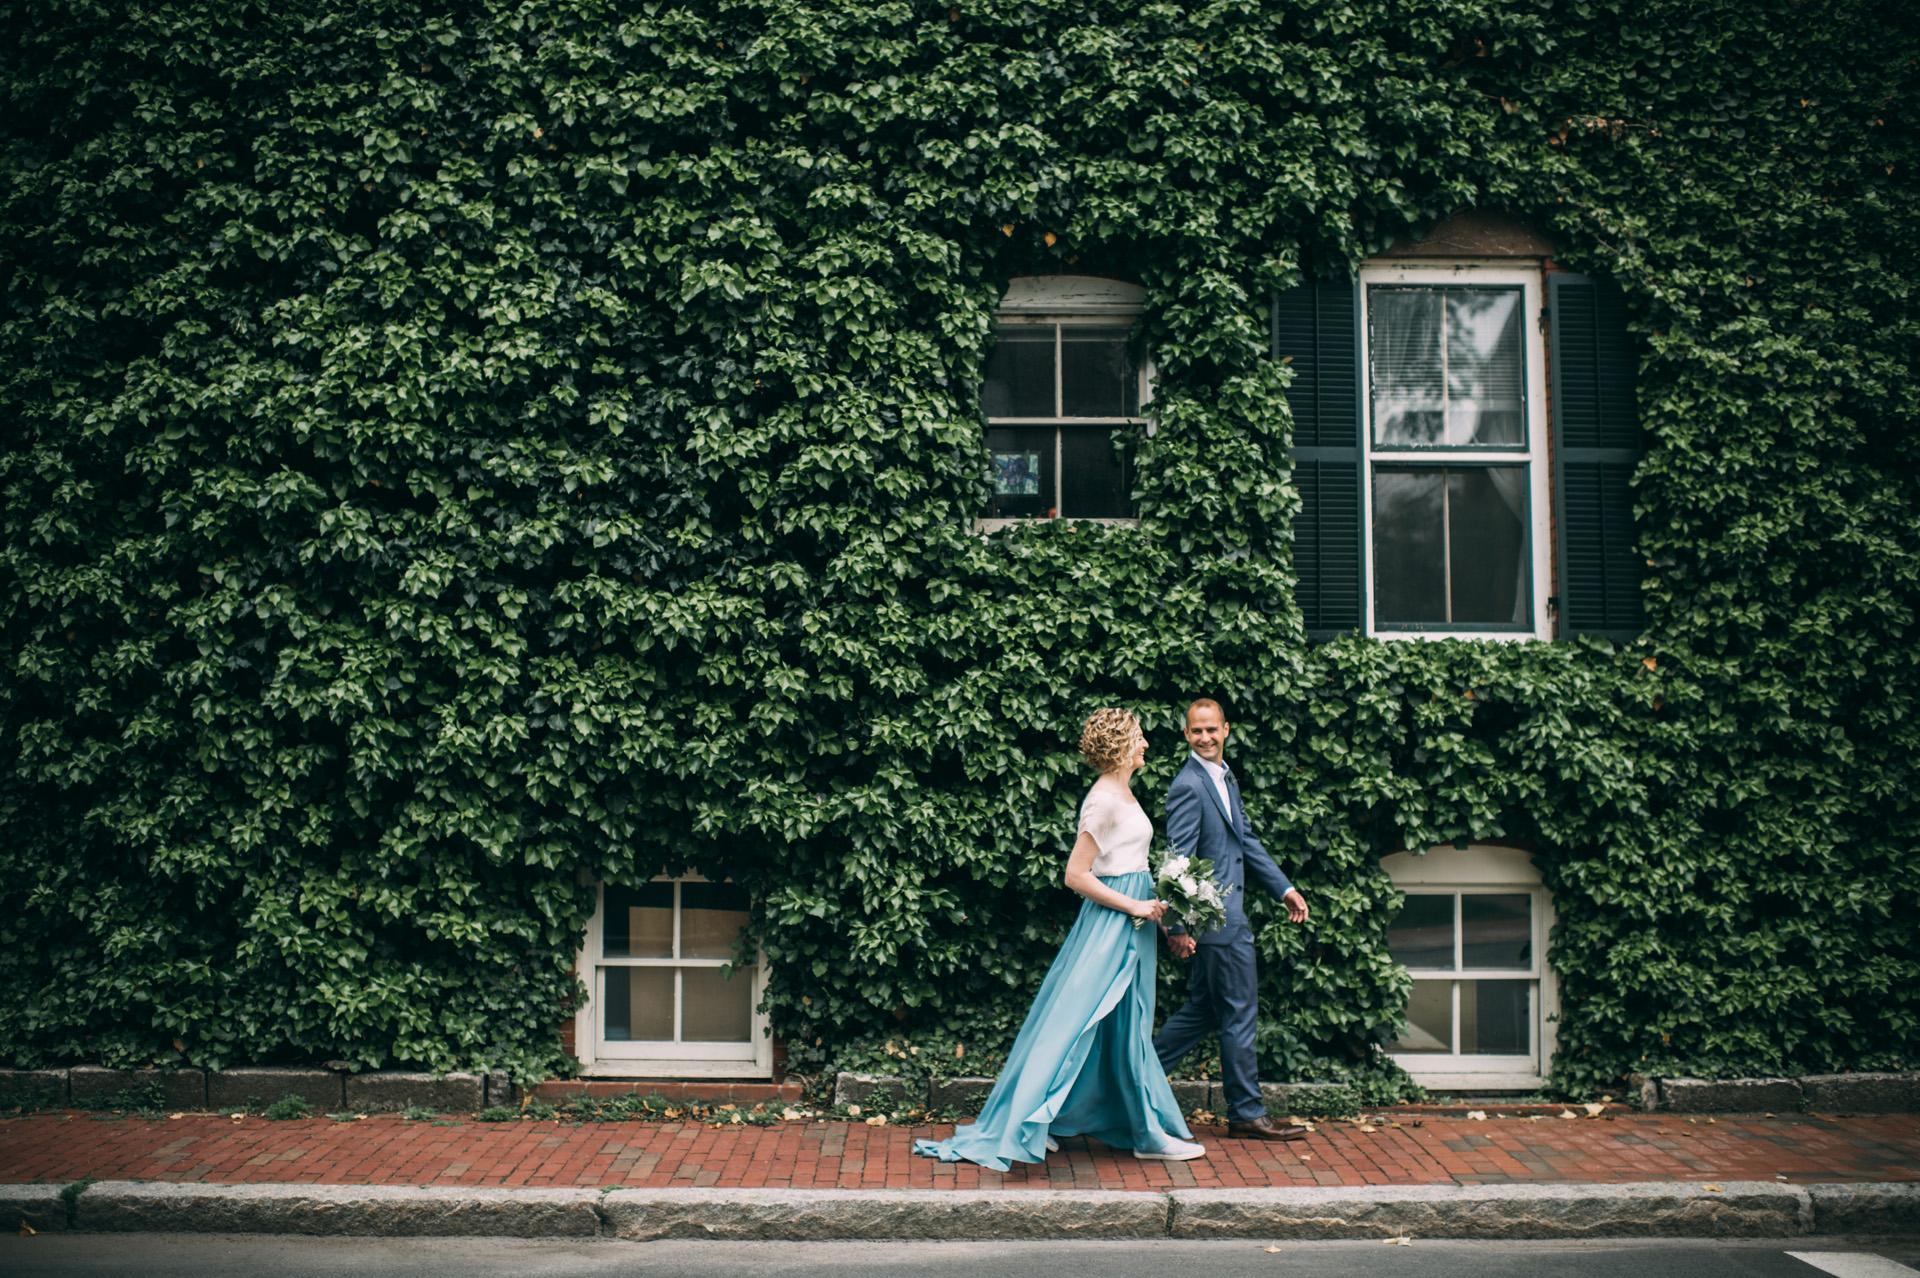 alden-harlow-wedding-photographer-35